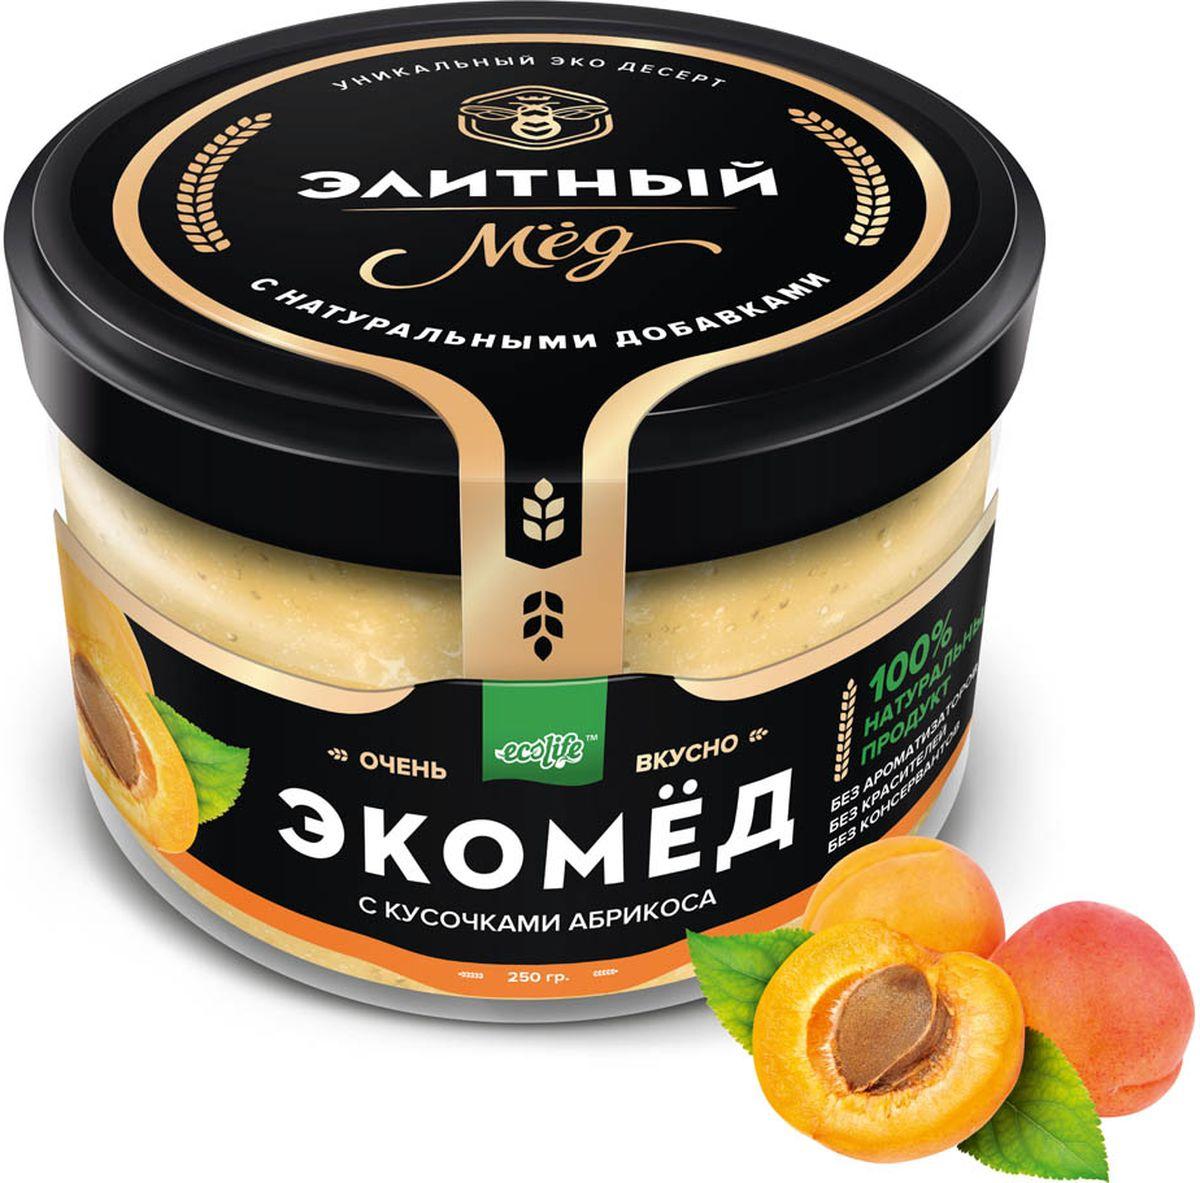 Ecolife Экомед c абрикосом, 250 г4665298962841100% натуральный Экопродукт, имеющий в составе только натуральные ингредиенты. Без красителей. Без ароматизаторов. Без консервантов.Целебные сорта мёда. Статья OZON Гид